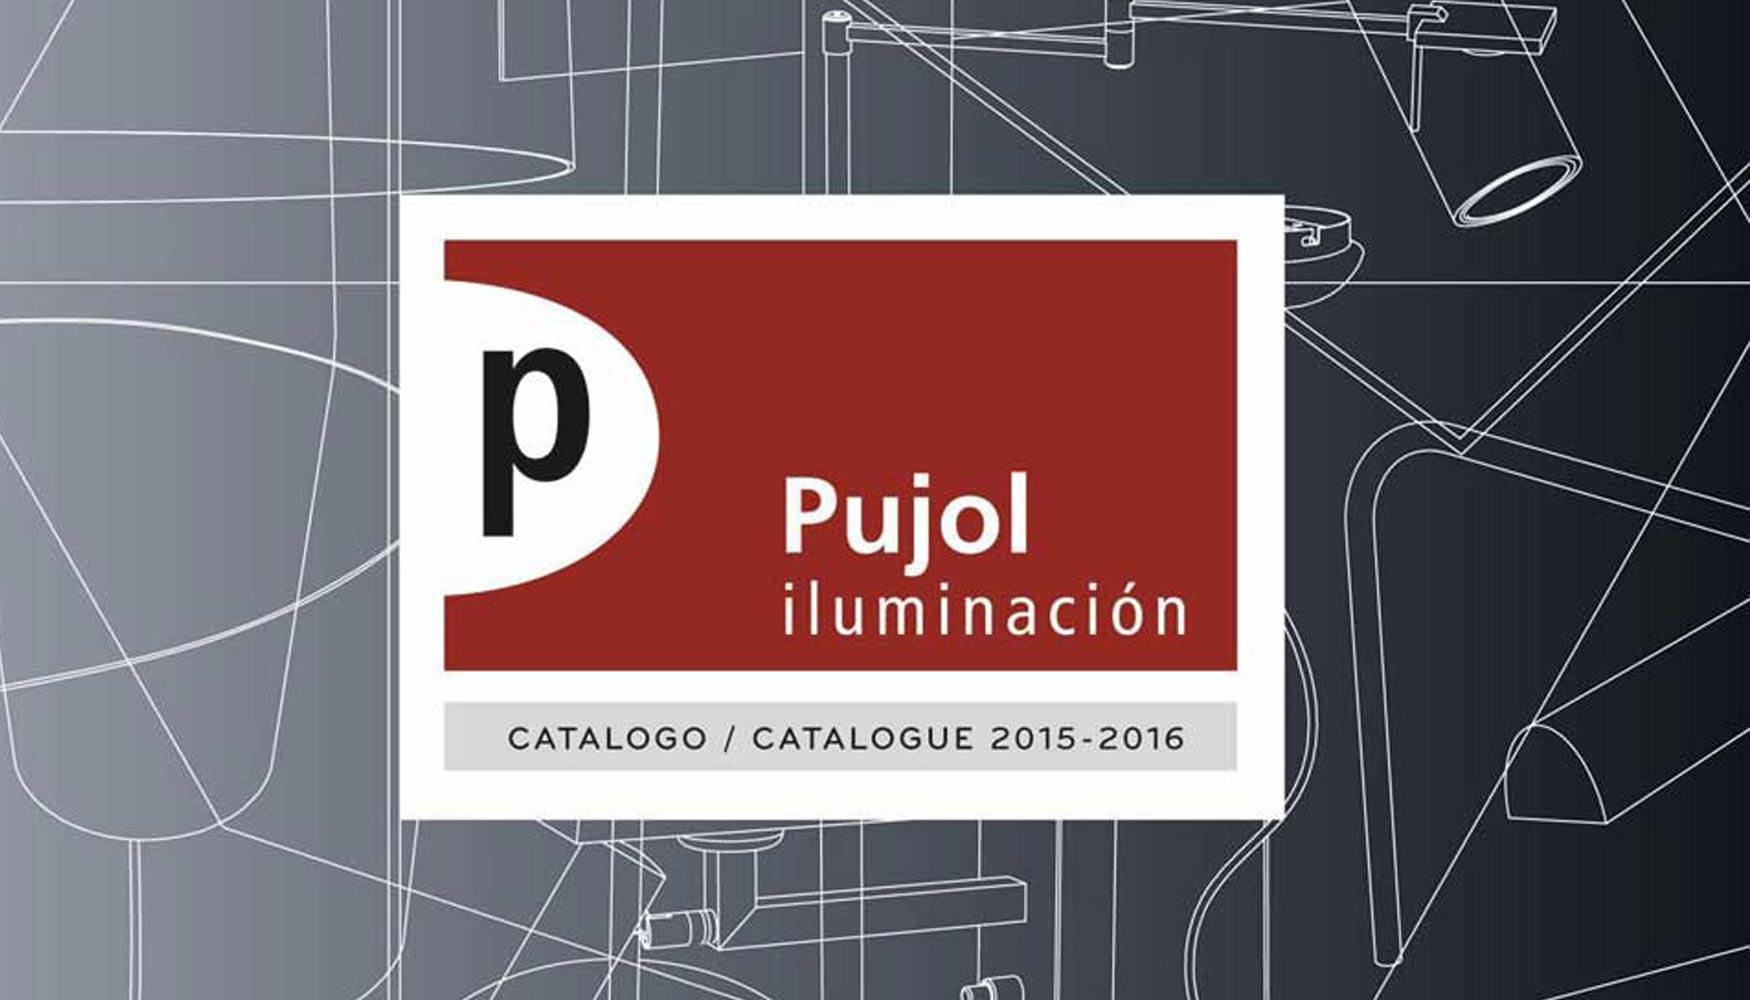 Pujol iluminaci n presenta su nuevo cat logo 2015 2016 for Catalogo acqua e sapone 2015